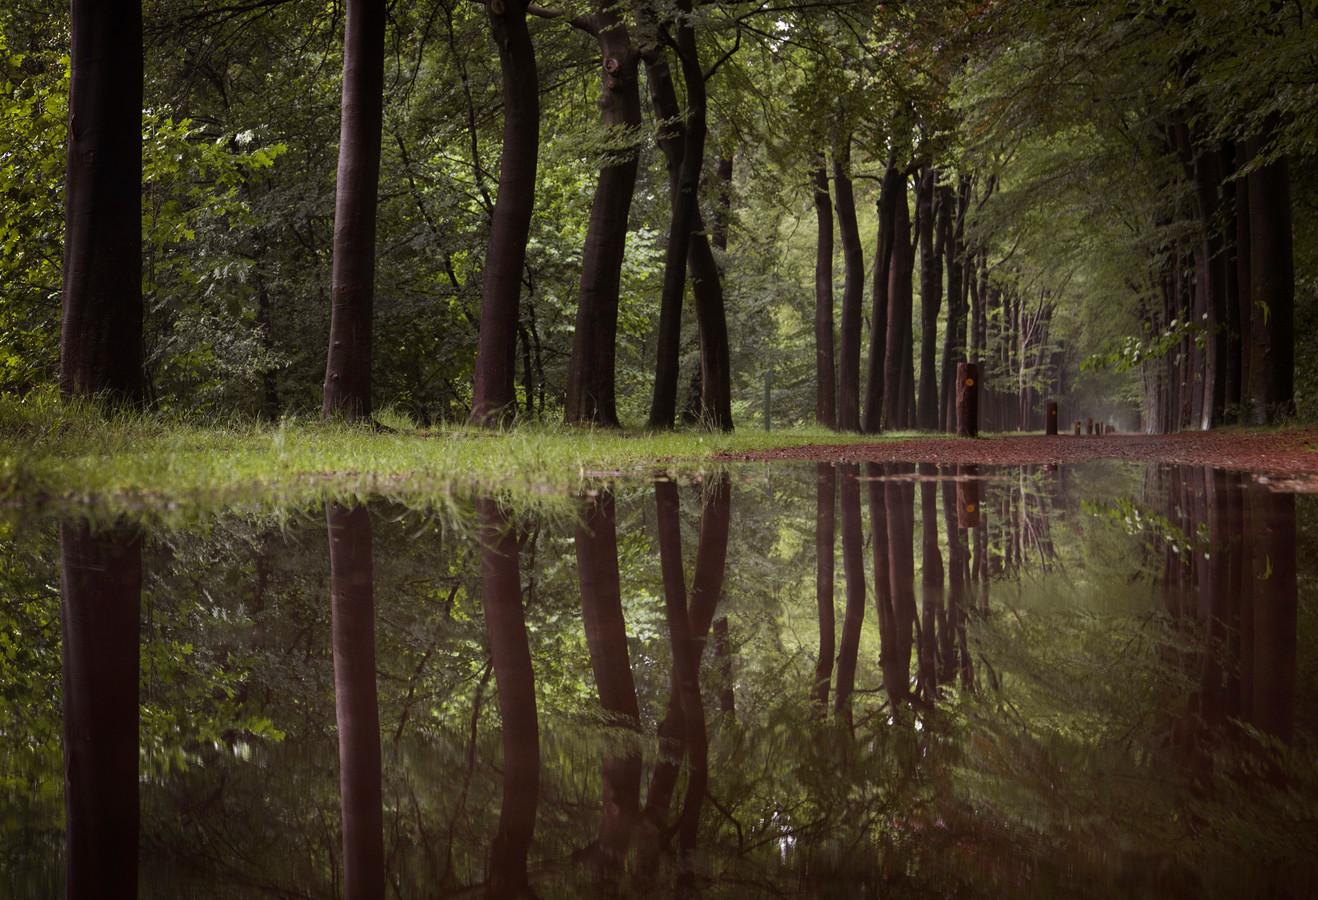 Prachtige bomen in Sparrenrijk in Boxtel. Buurgemeente Sint-Michielsgestel laat het planten van nieuwe bomen even met rust door al het gedoe met de strenge regels voor PFAS.